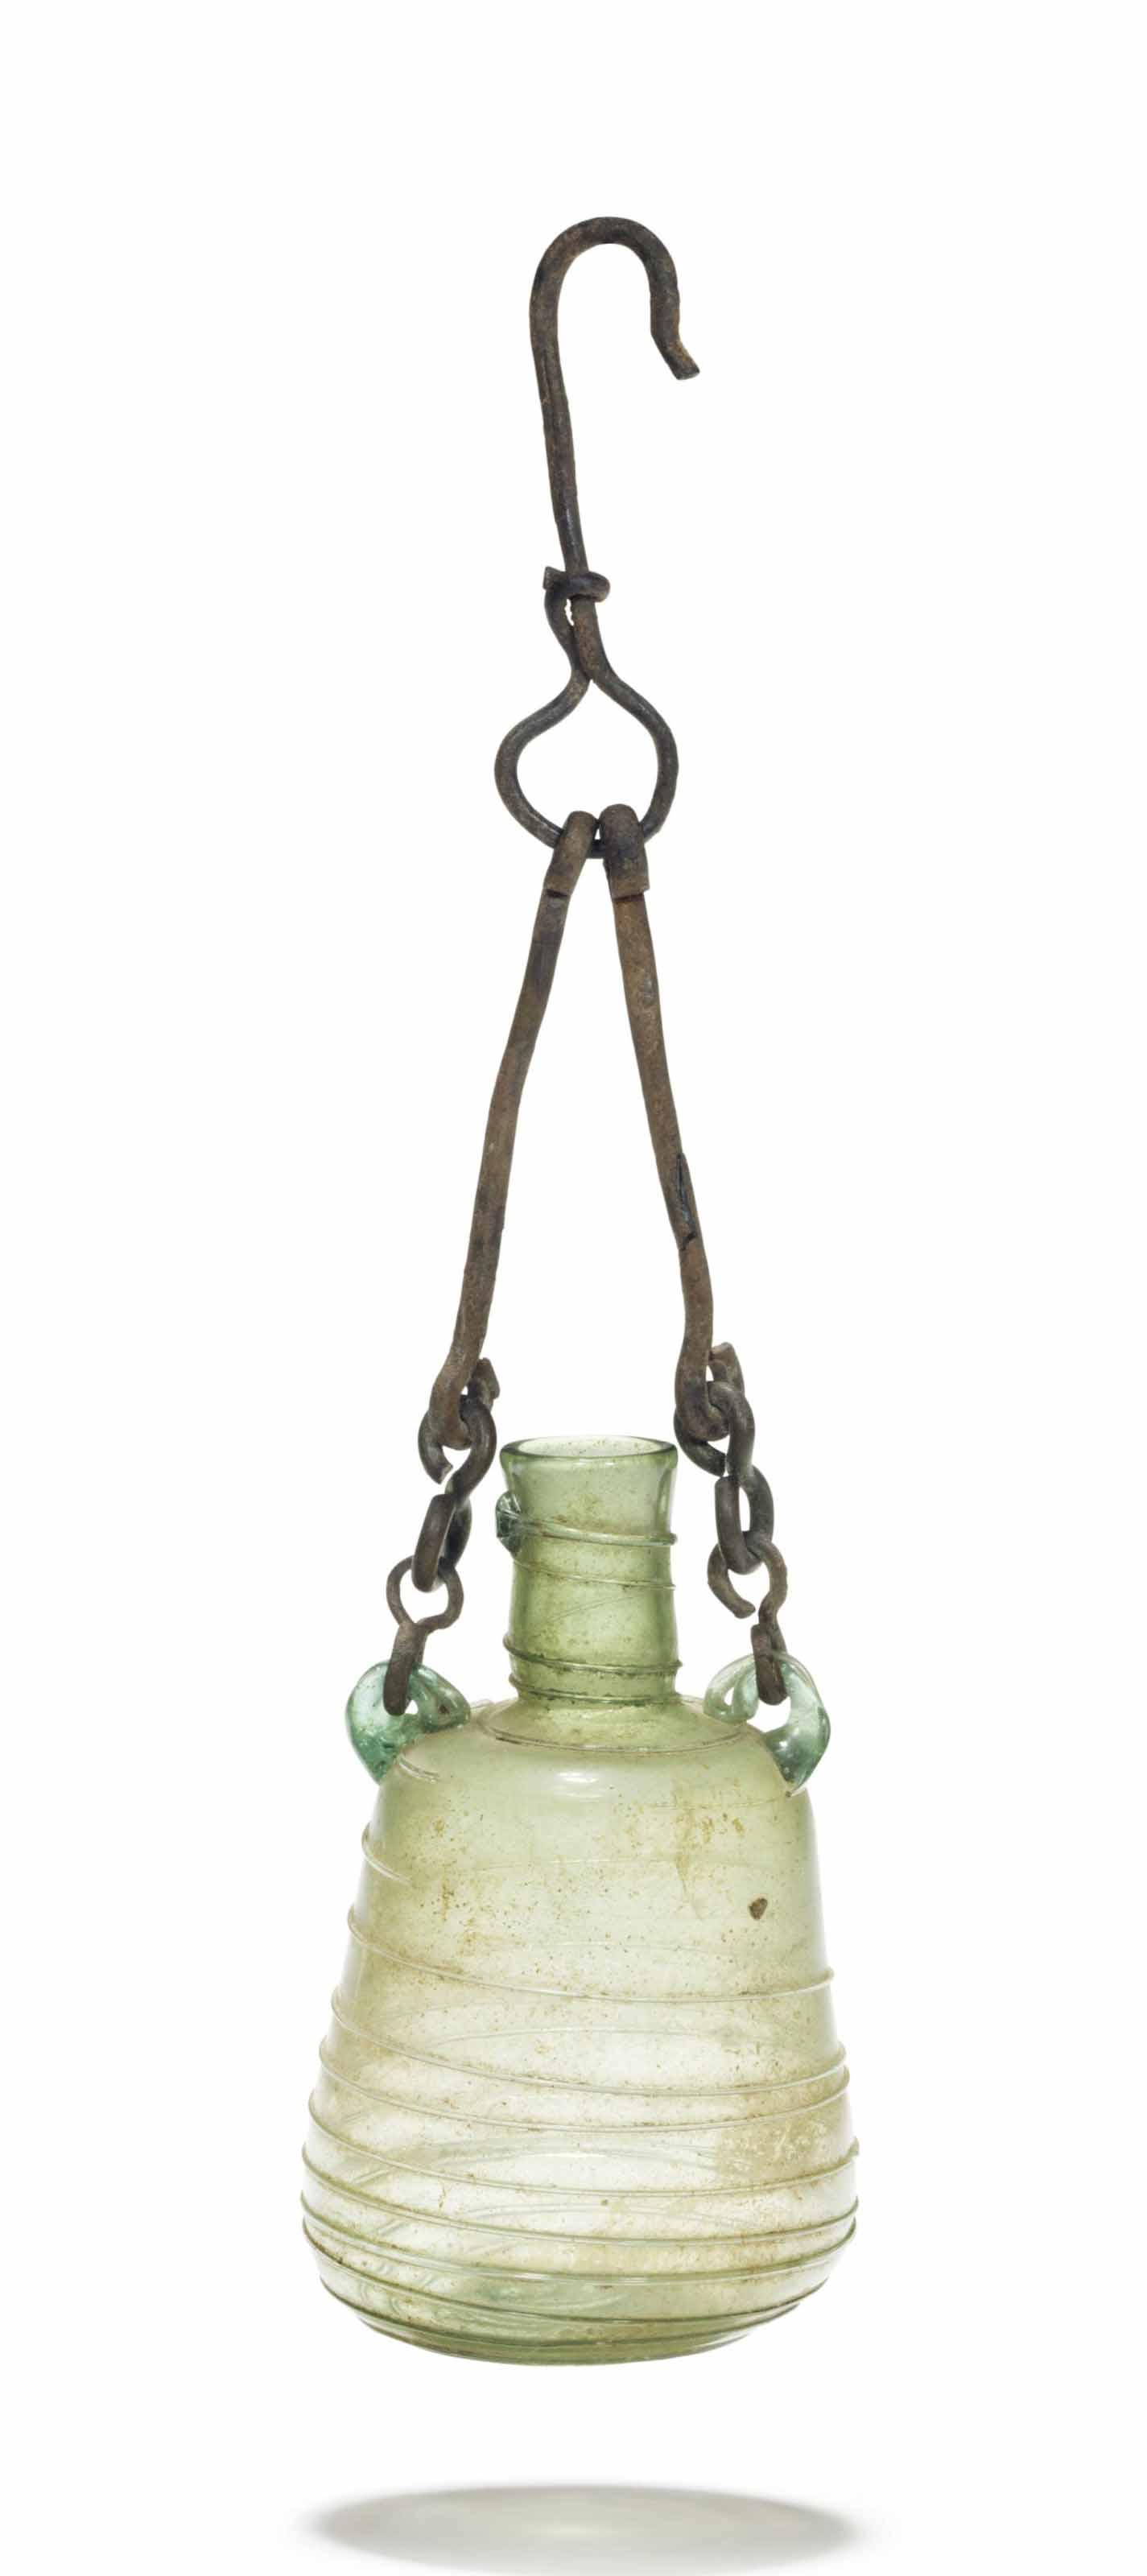 A ROMAN GLASS ARYBALLOS